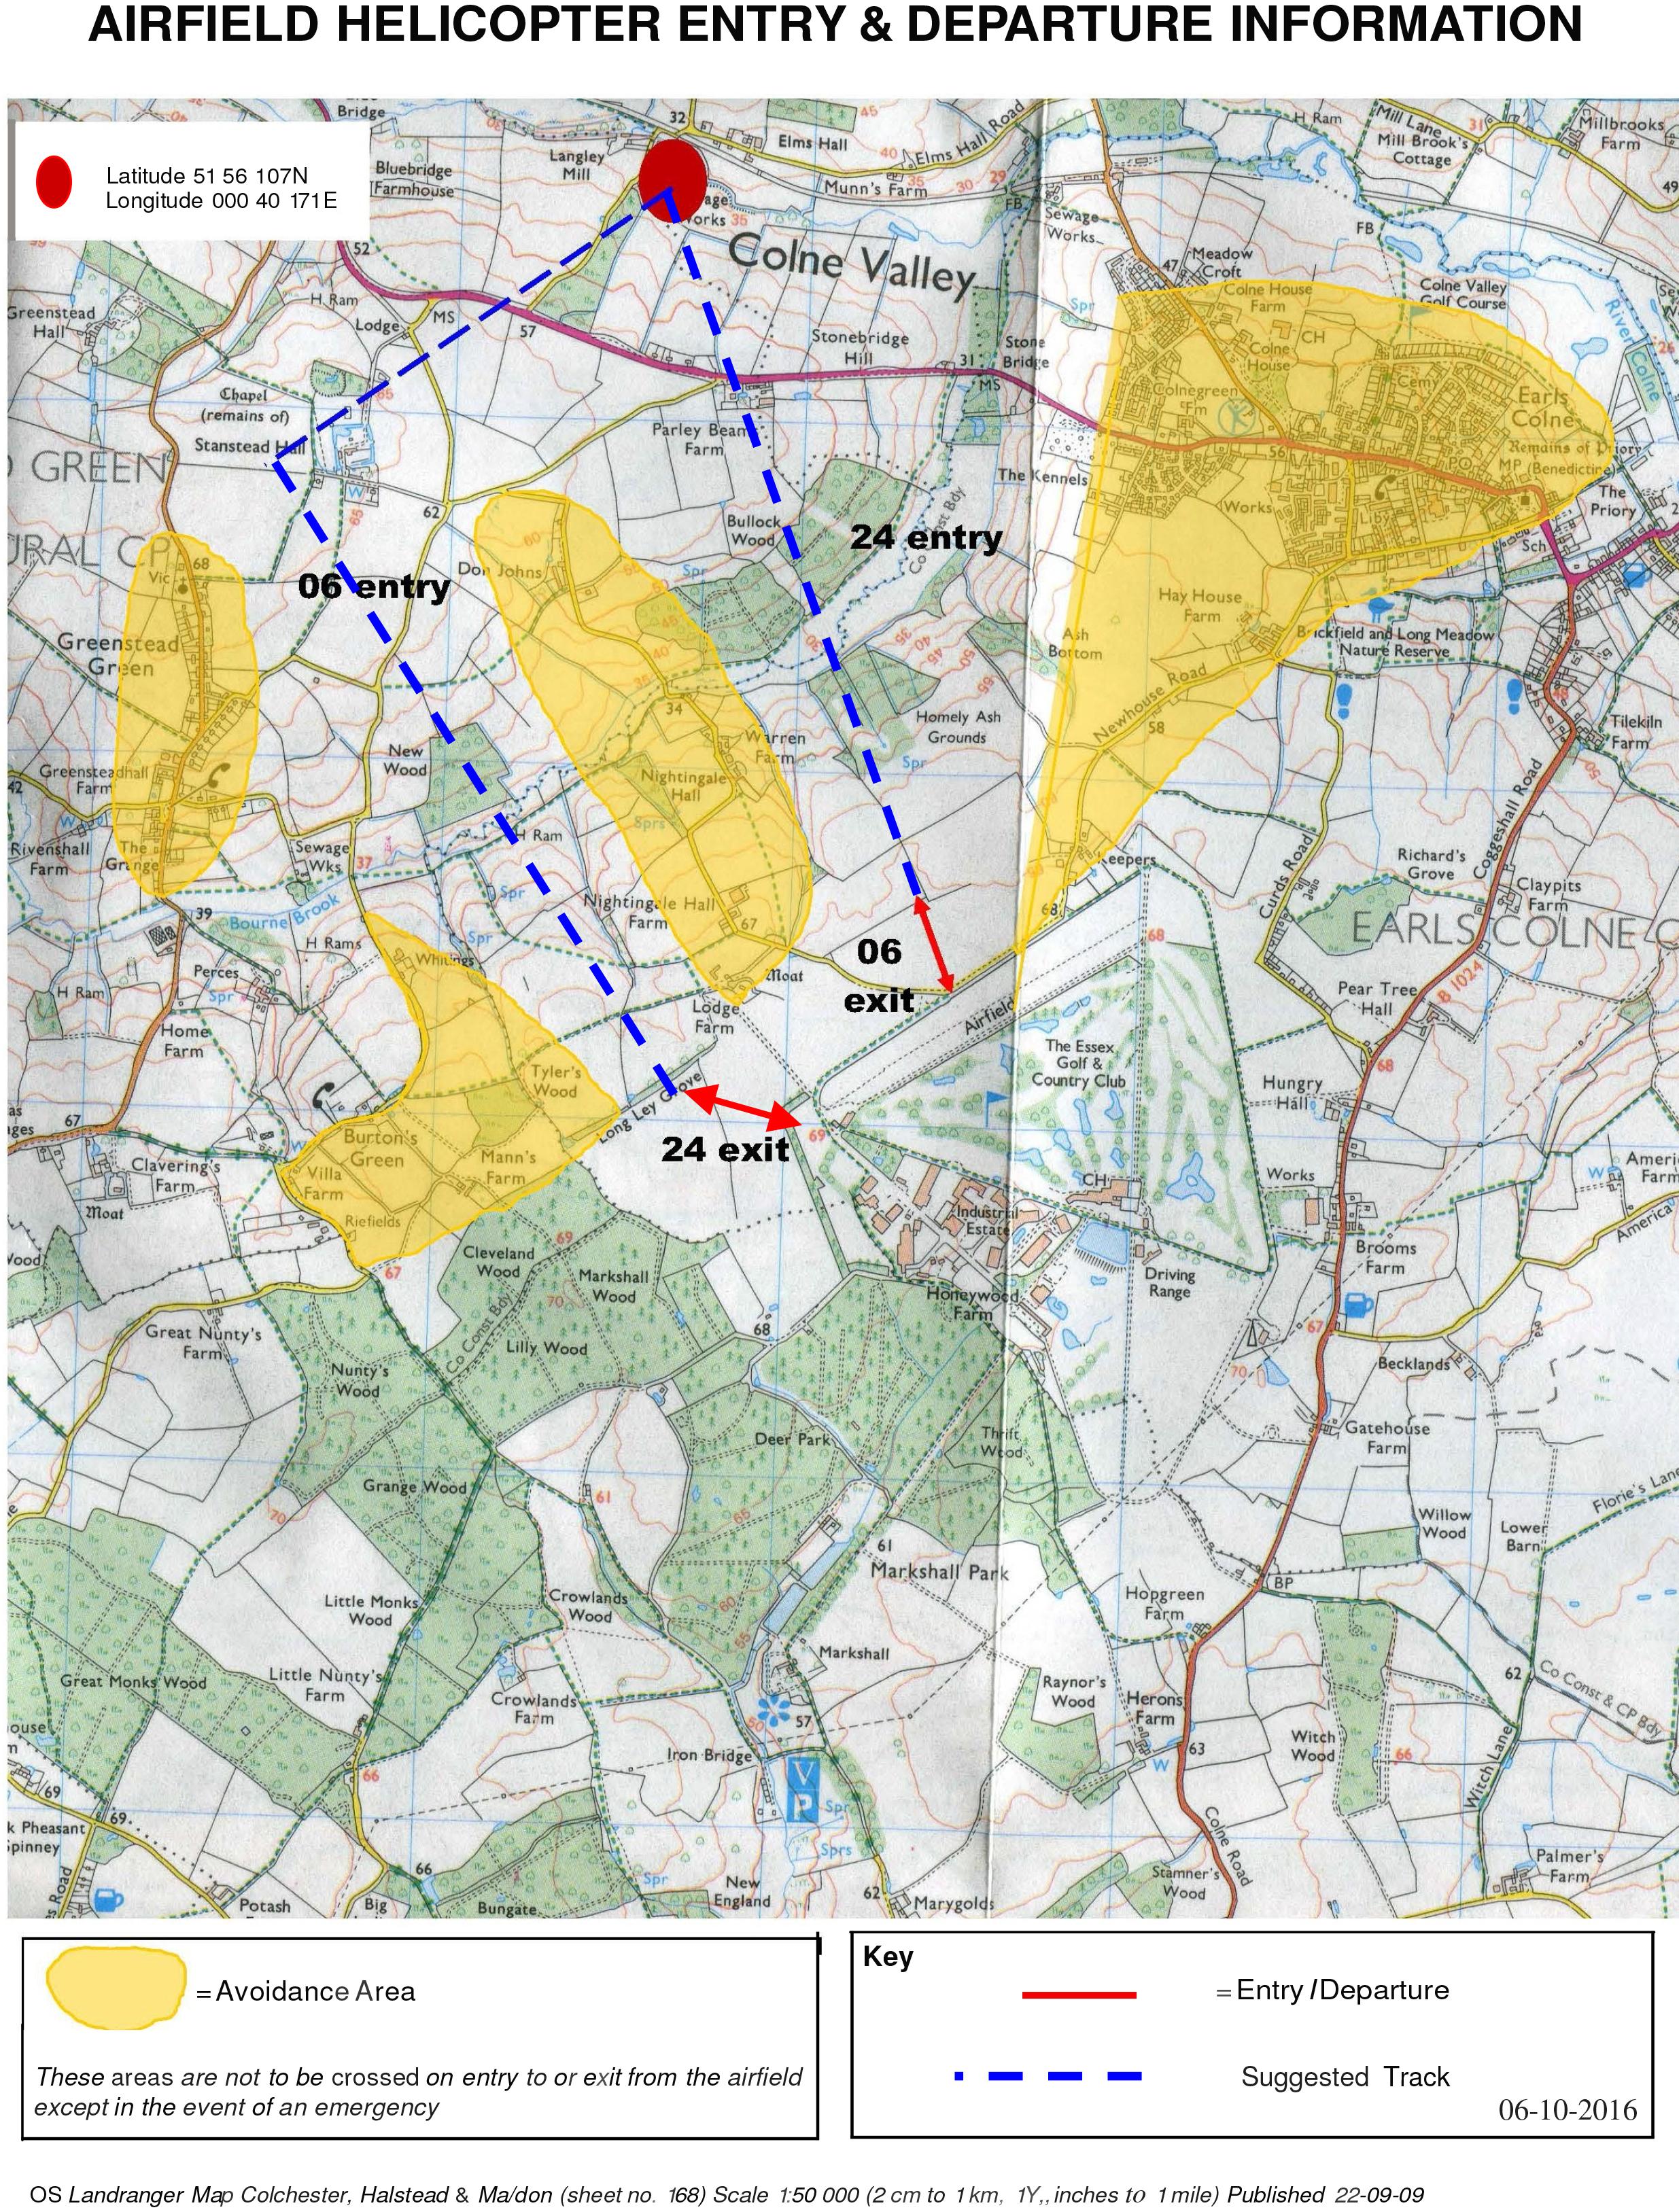 Heli approach Oct 16